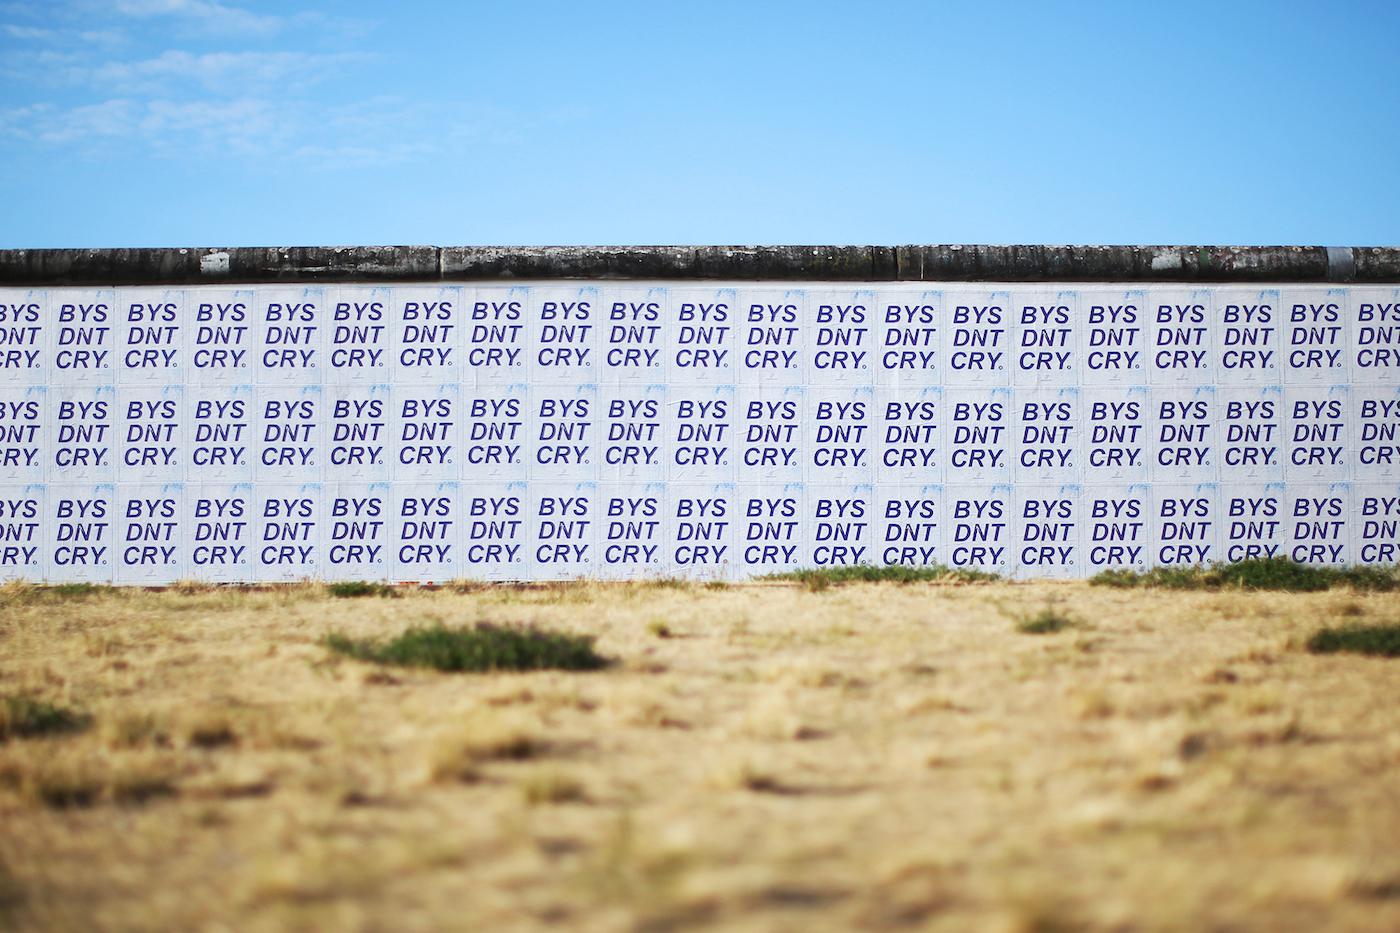 ベルリンの壁で行われたMADBUNNYのインスタレーション作品